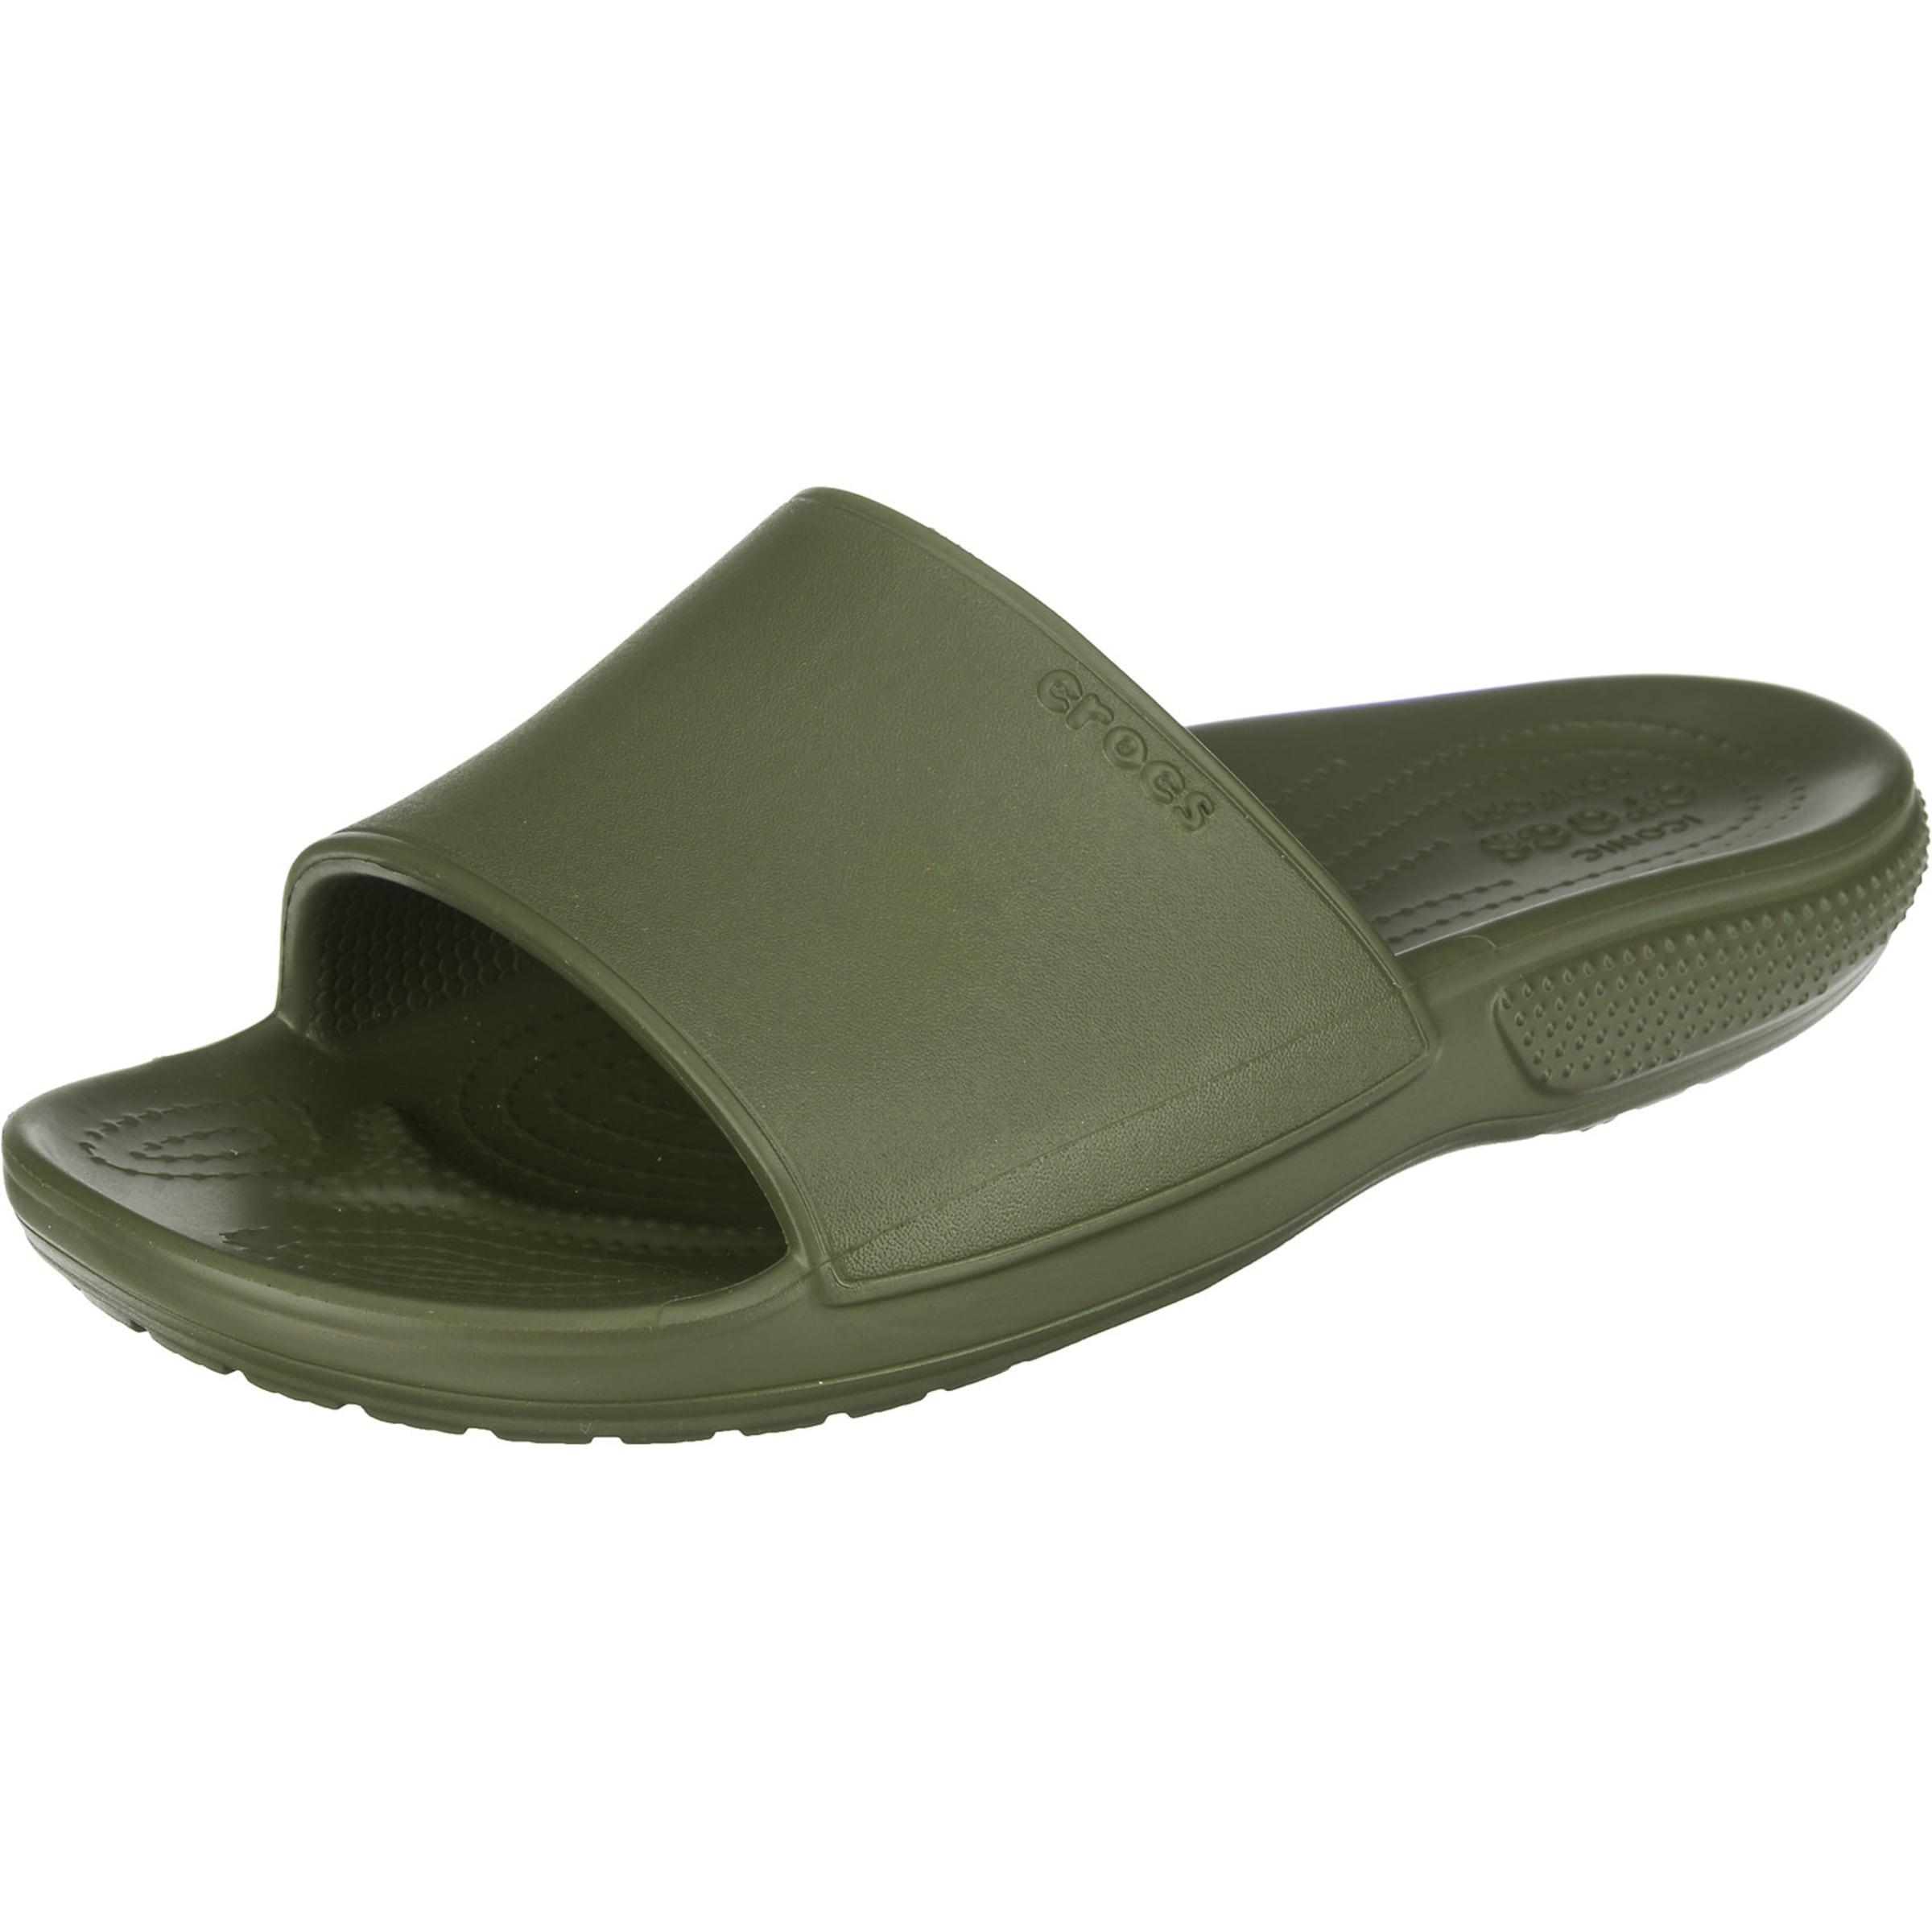 Herren Crocs Pantolette 'Classic II Slide' grün | 00191448333499